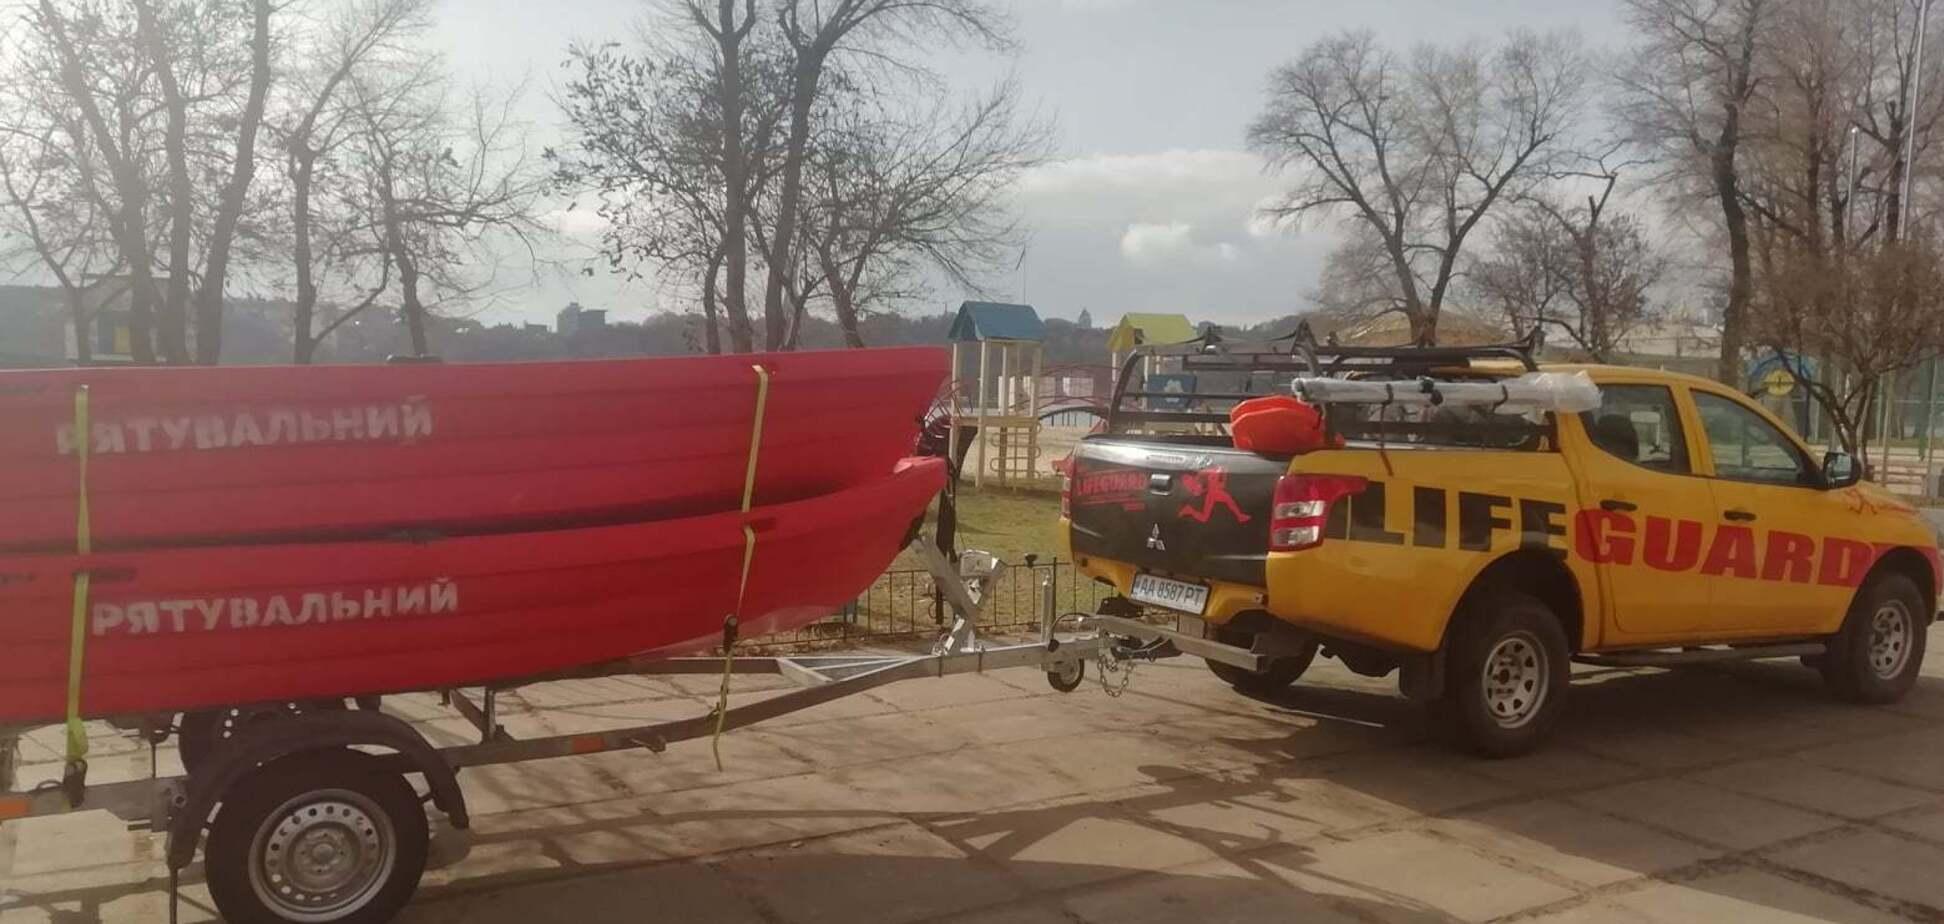 Пляжный патруль Киева получил новые катера для спасения людей. Фото